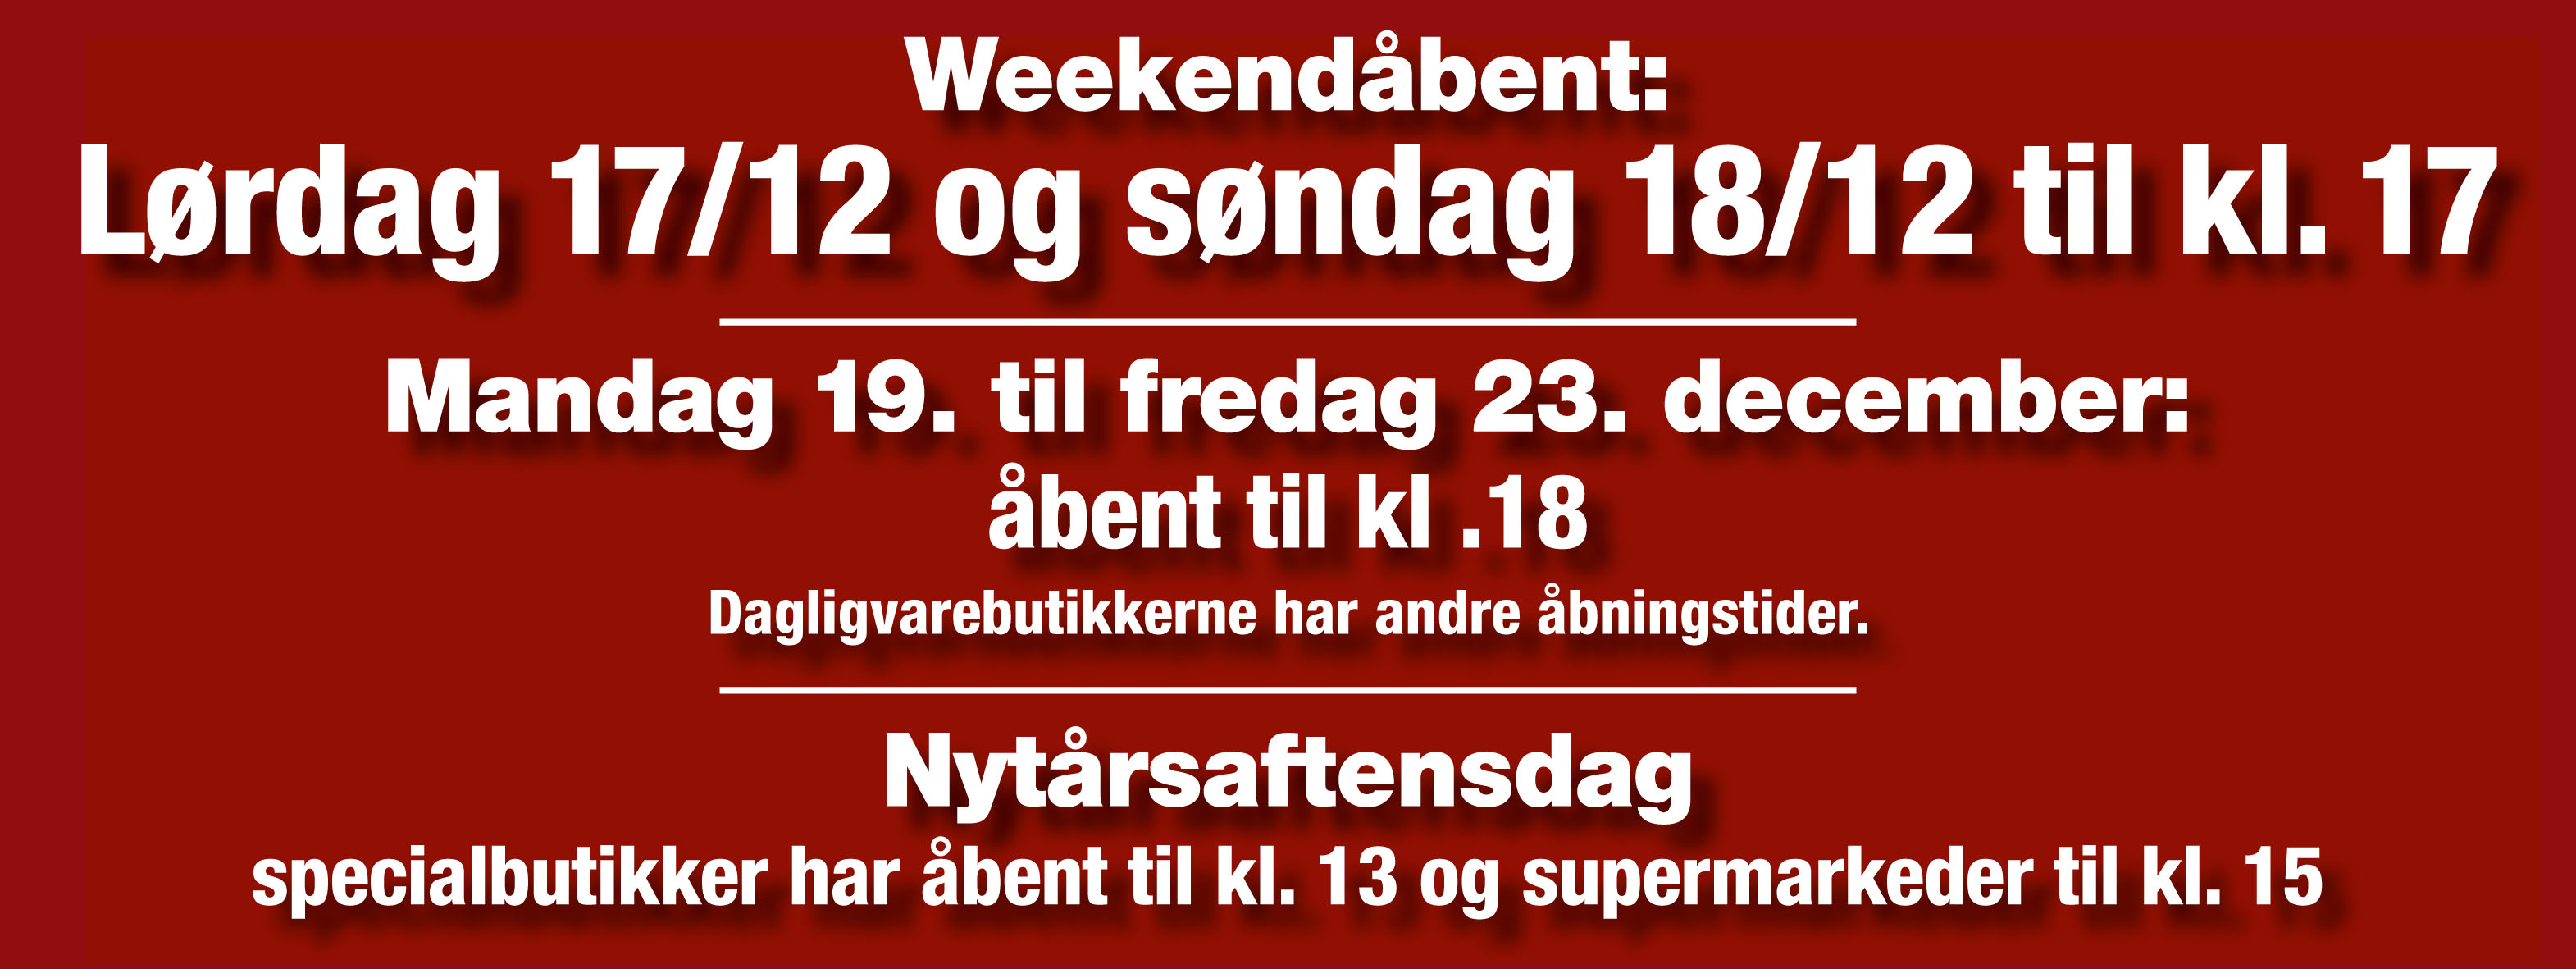 DK_1598359.indd